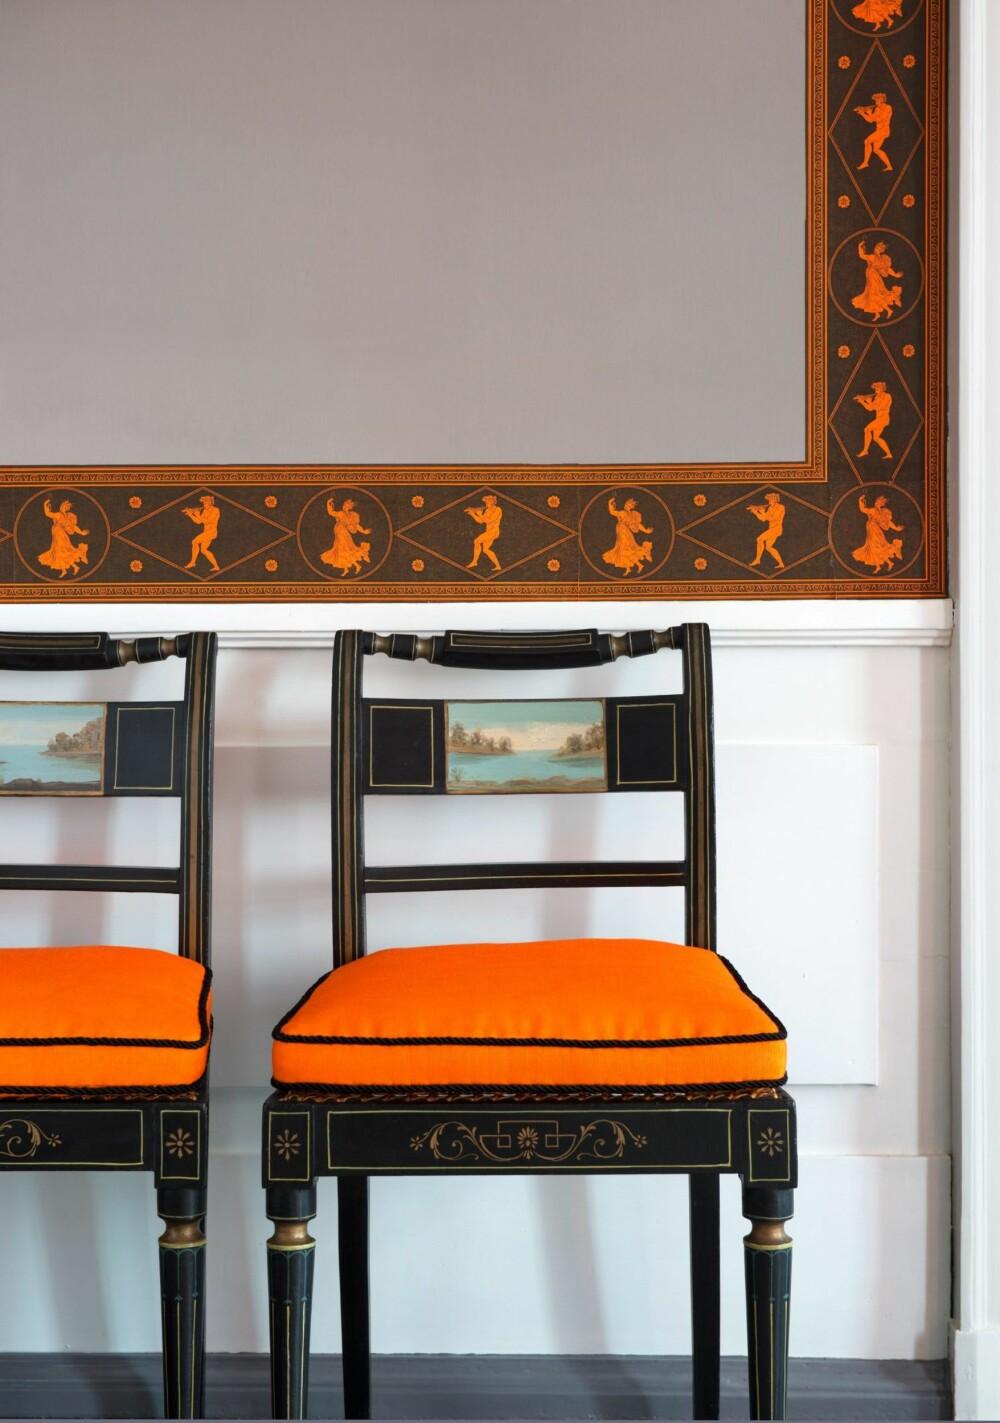 SPISESTUEN: Dette tapetet er basert på funn i rommet. Borden er rekonstruert av kunstneren Arild Yttri. De svartlakkerte, enkle stolene er fra Danmark, ca. 1795. Fargene i huset er overraskende sterke, og kombinasjonene av farger og ulike mønstre overgår enhver forestilling og fantasi om hva som var vanlig for to hundre år siden.